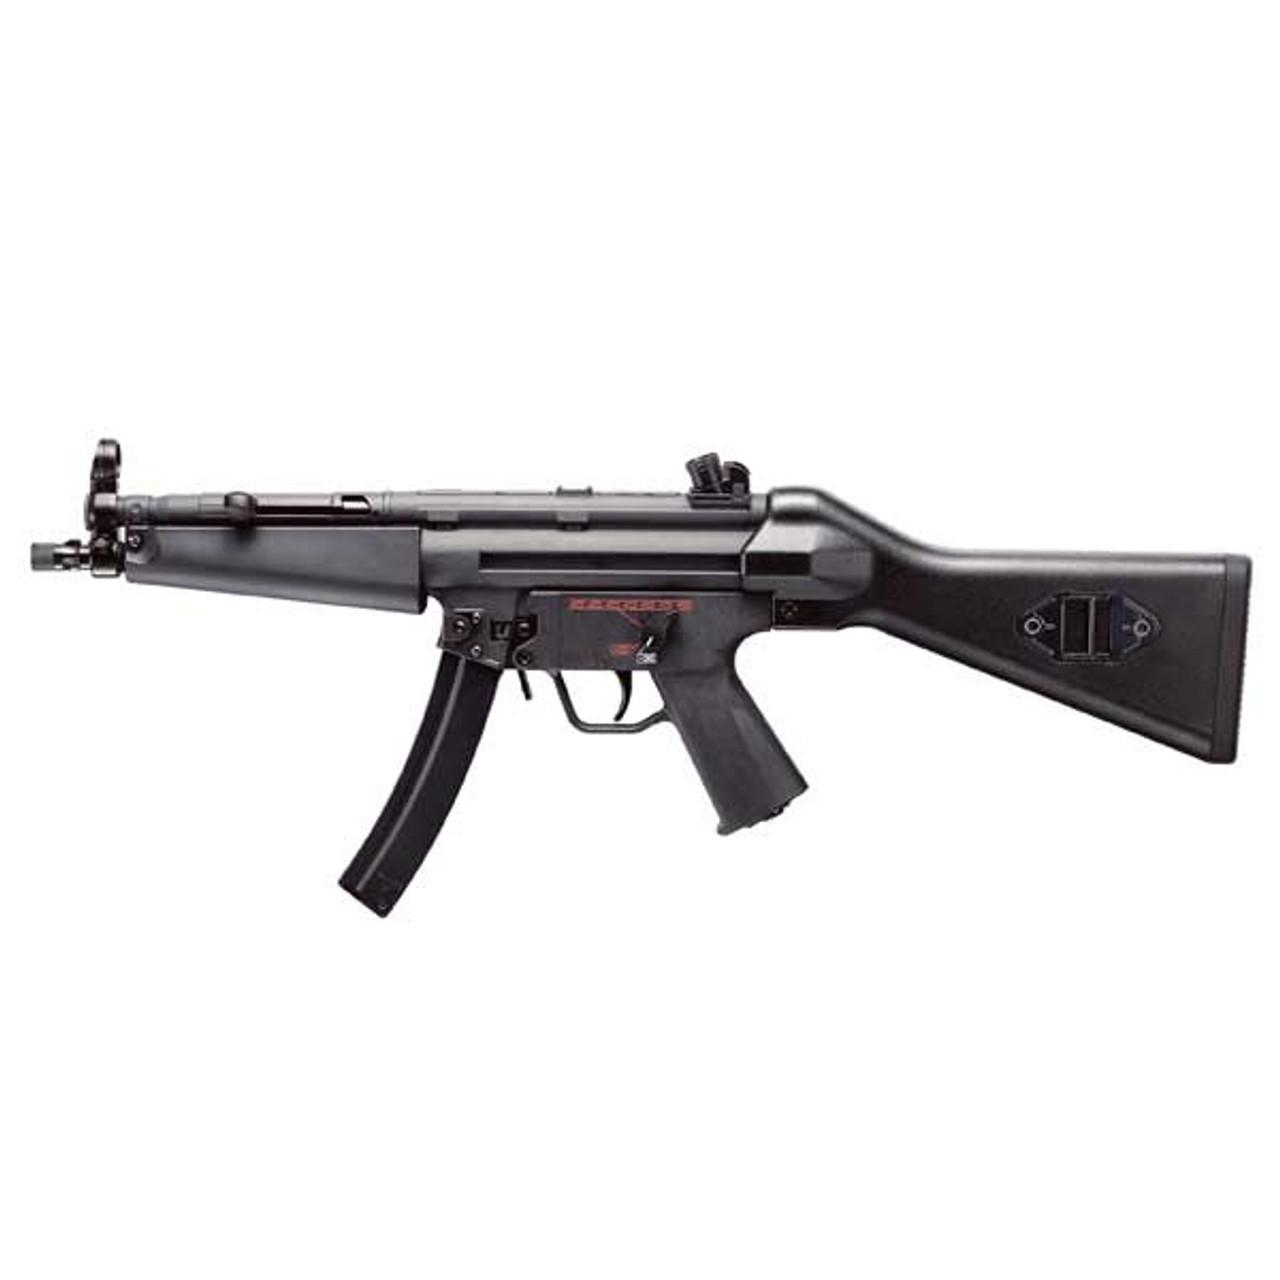 G&G MP5 A4 Blowback